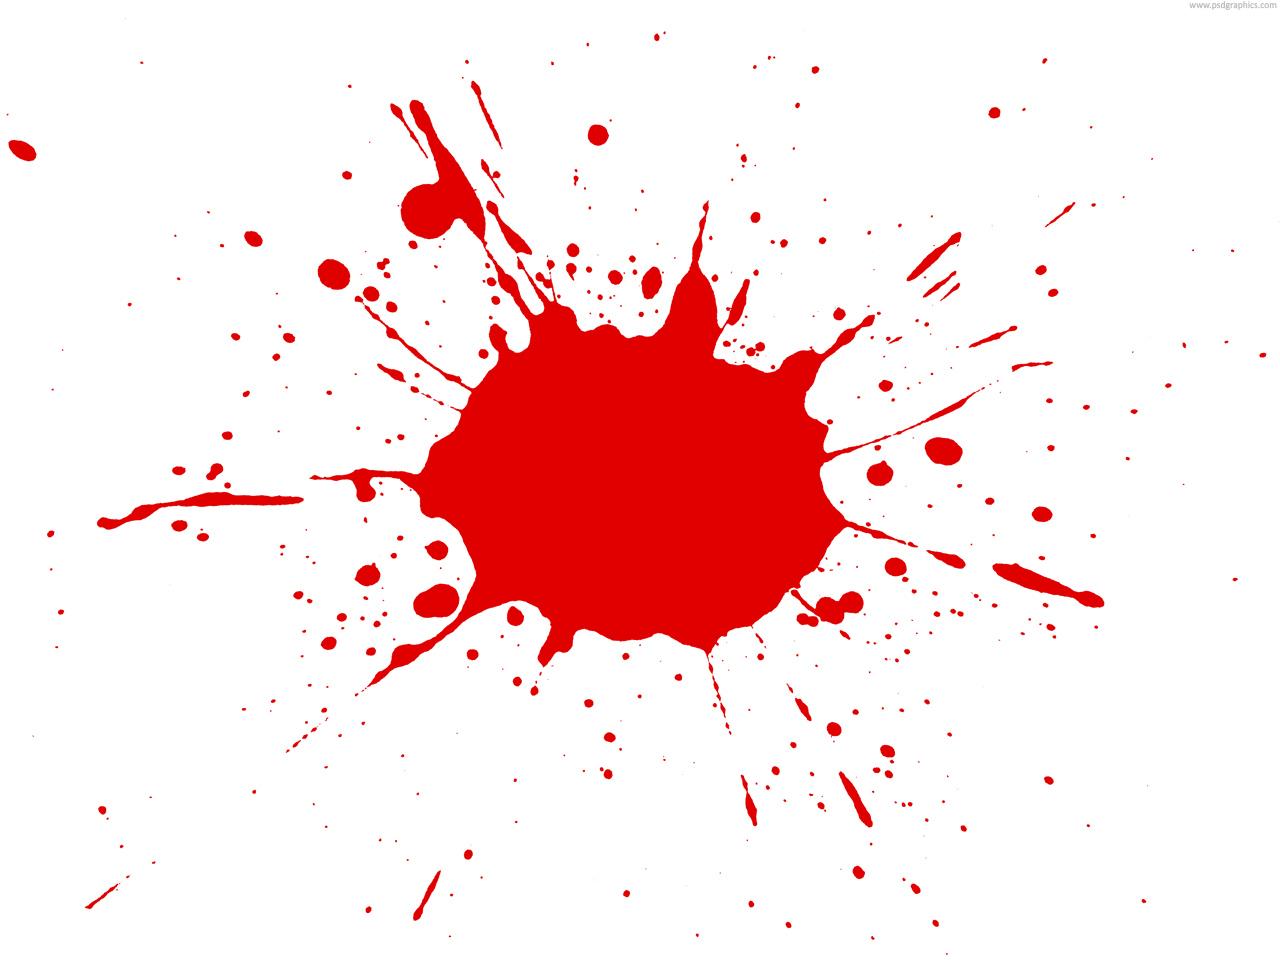 15 Paint Splatter PSD Images